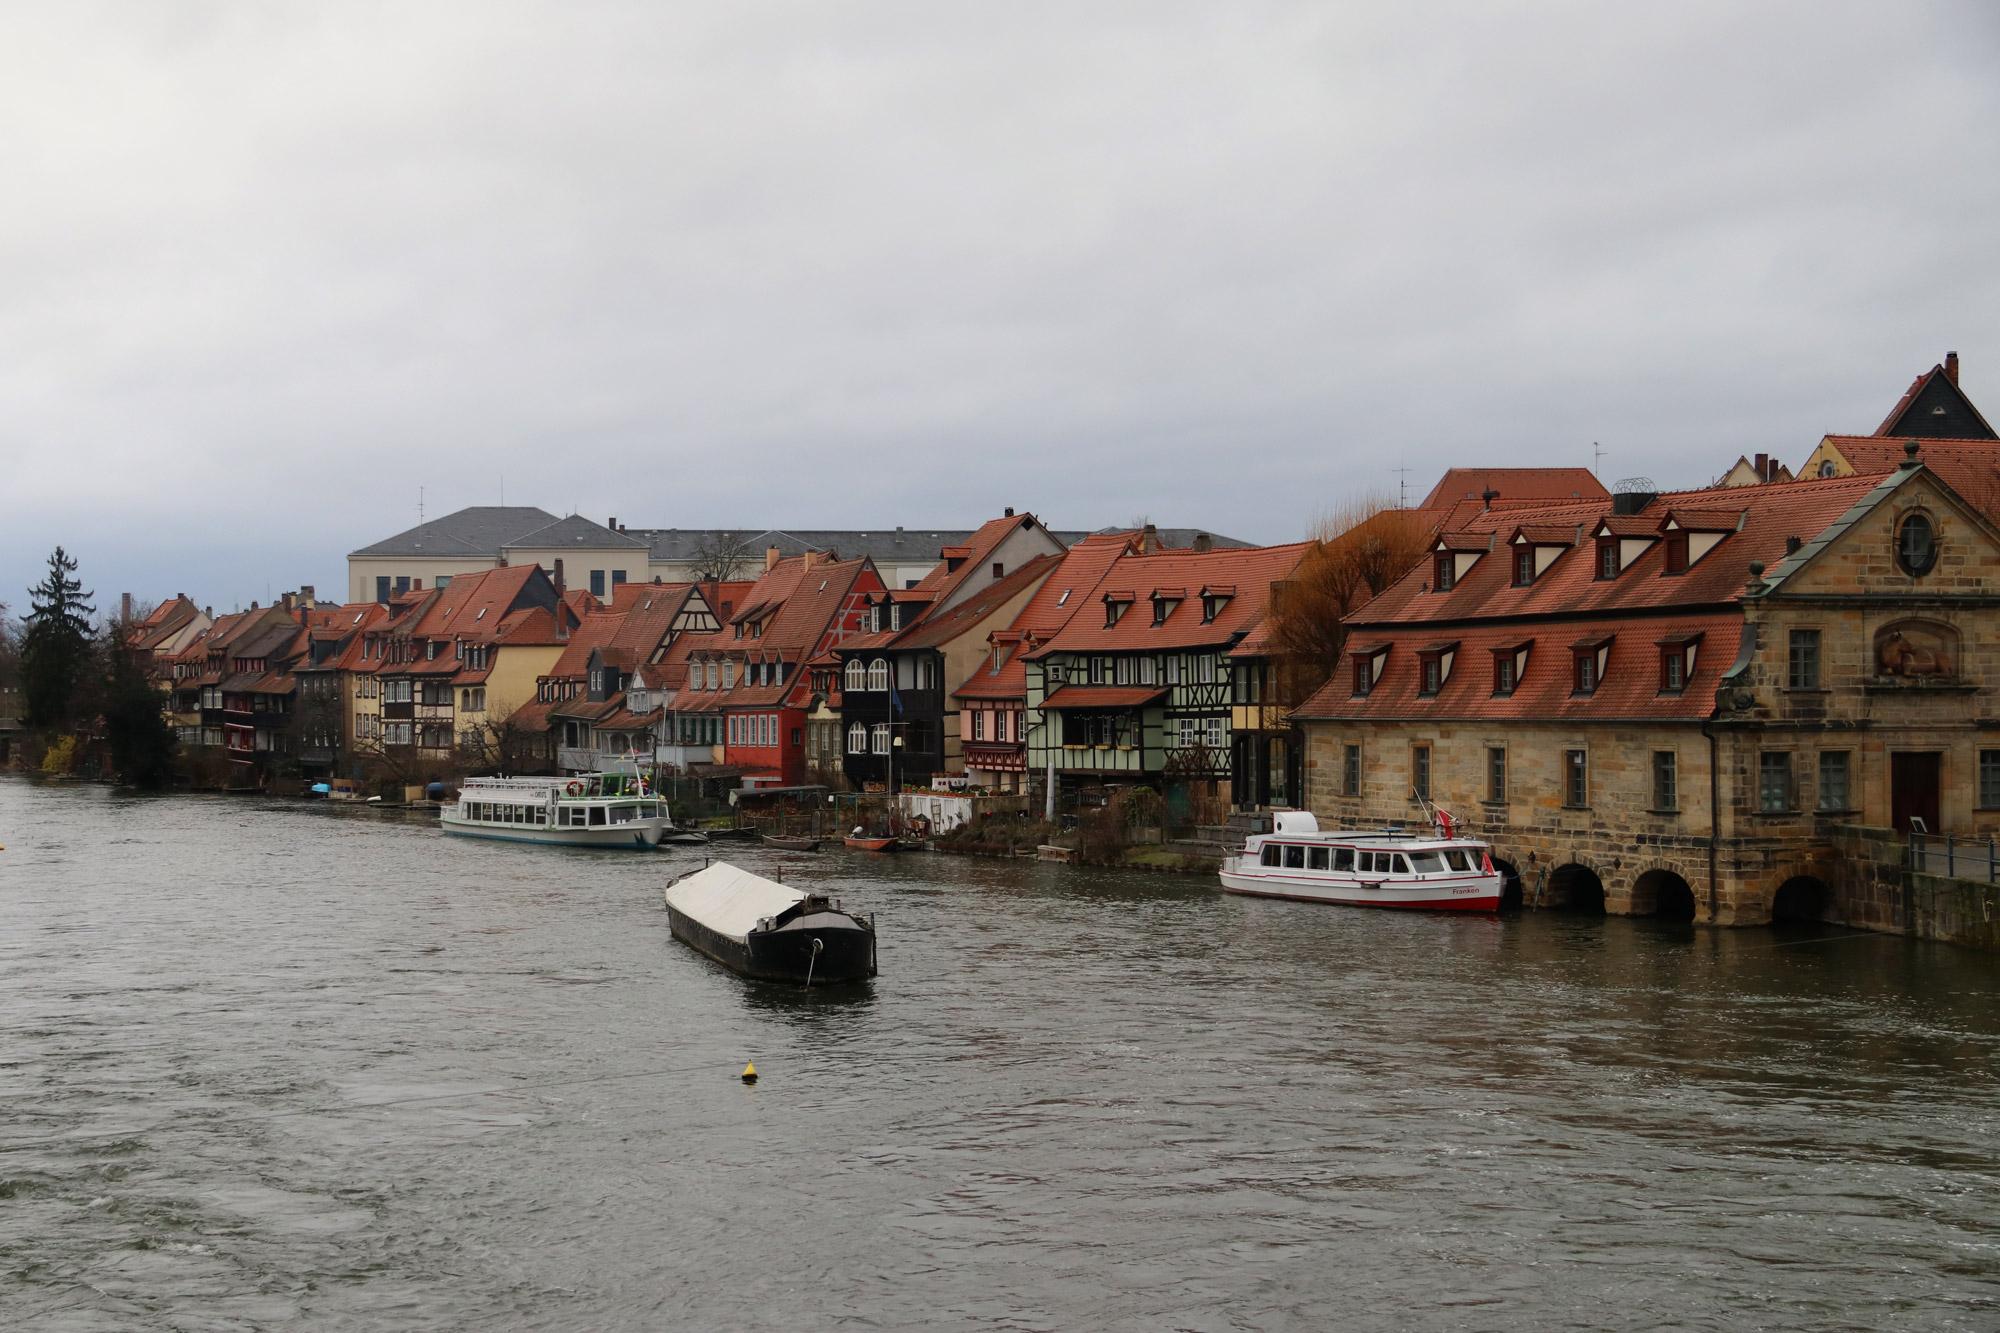 Bamberg in 10 beelden - Klein Venedig